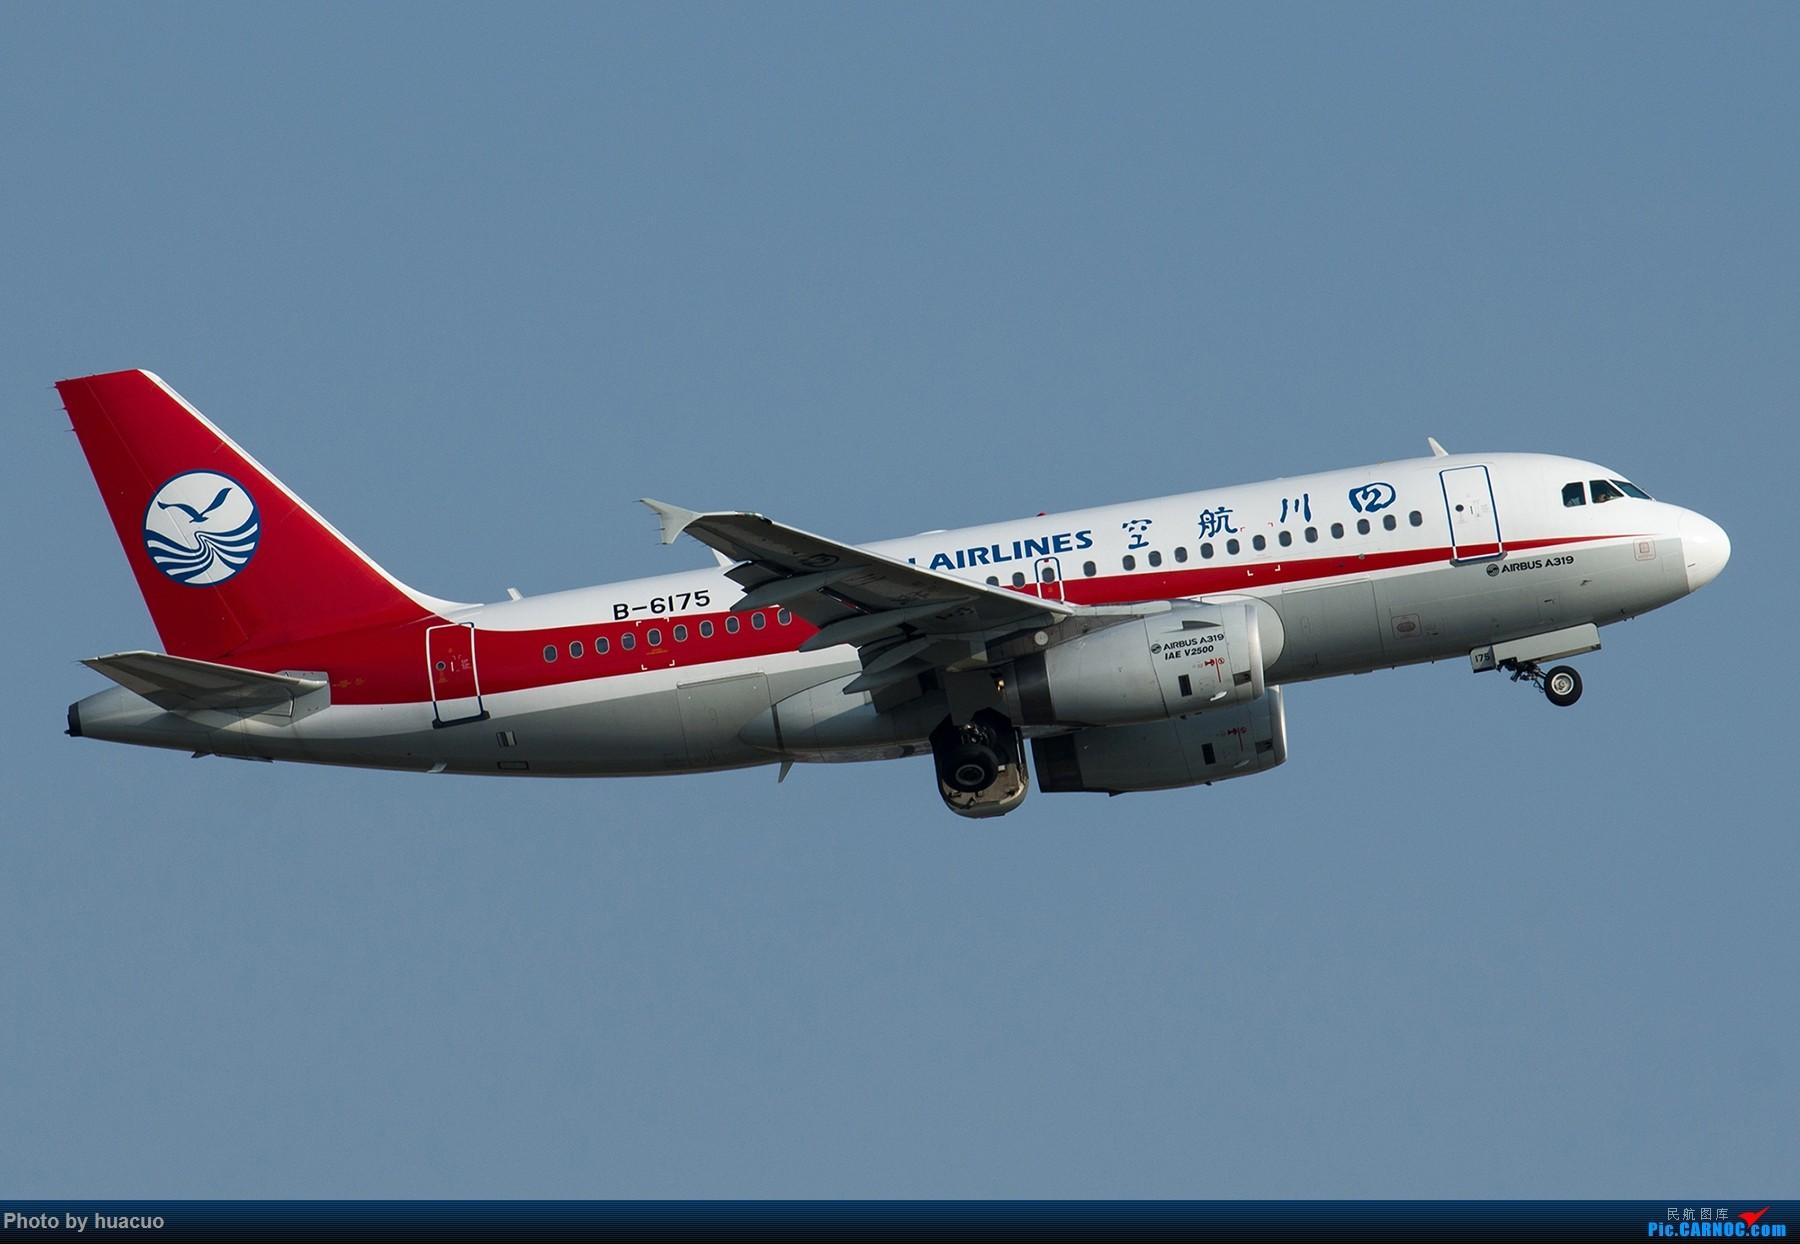 Re:[原创]【KMG】昆明机场日常 AIRBUS A319-100 B-6175 中国昆明长水国际机场